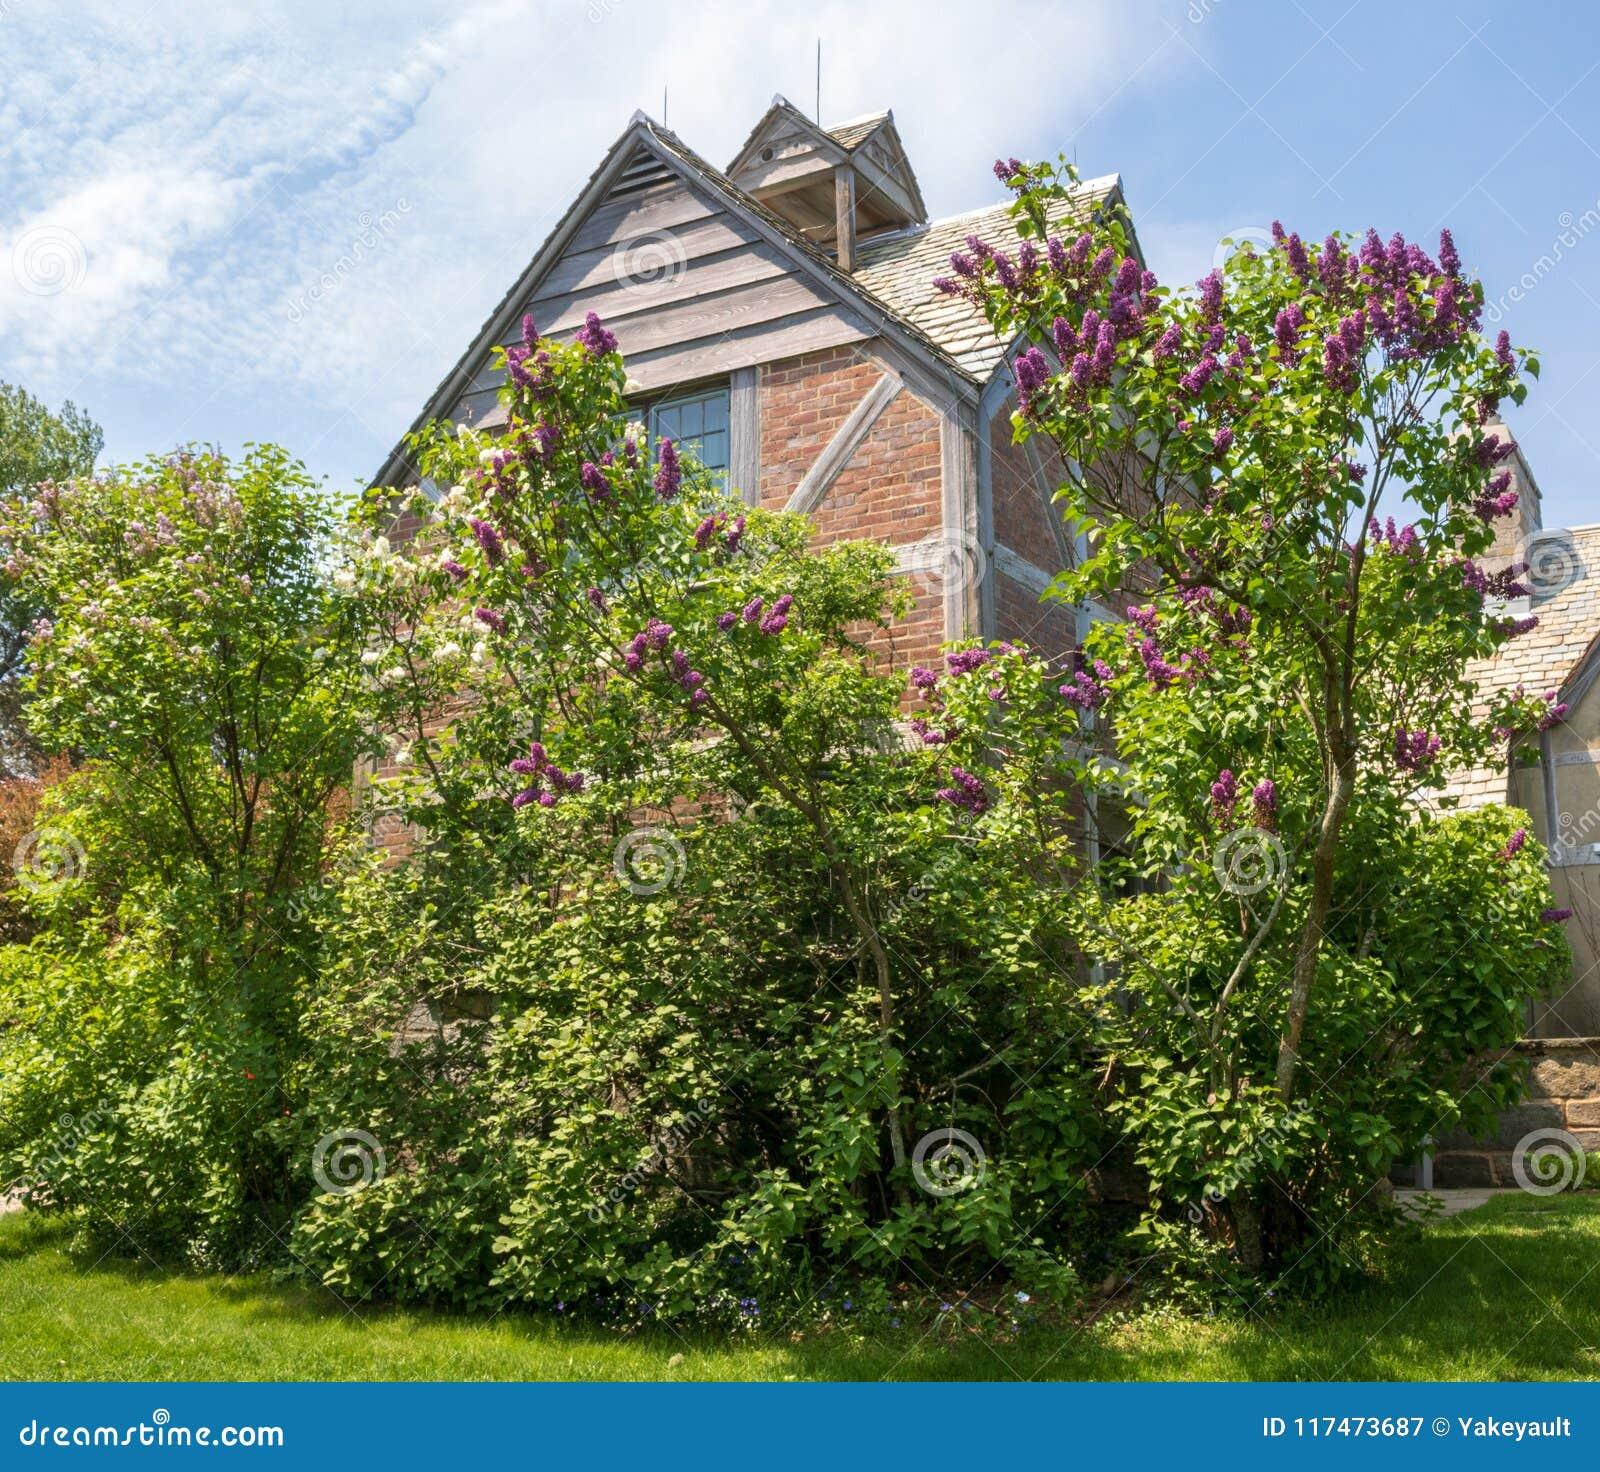 Fliederbüsche gestalten eine Tudor Revival-Artstruktur aufgrund des Topsmead-Nationalparks